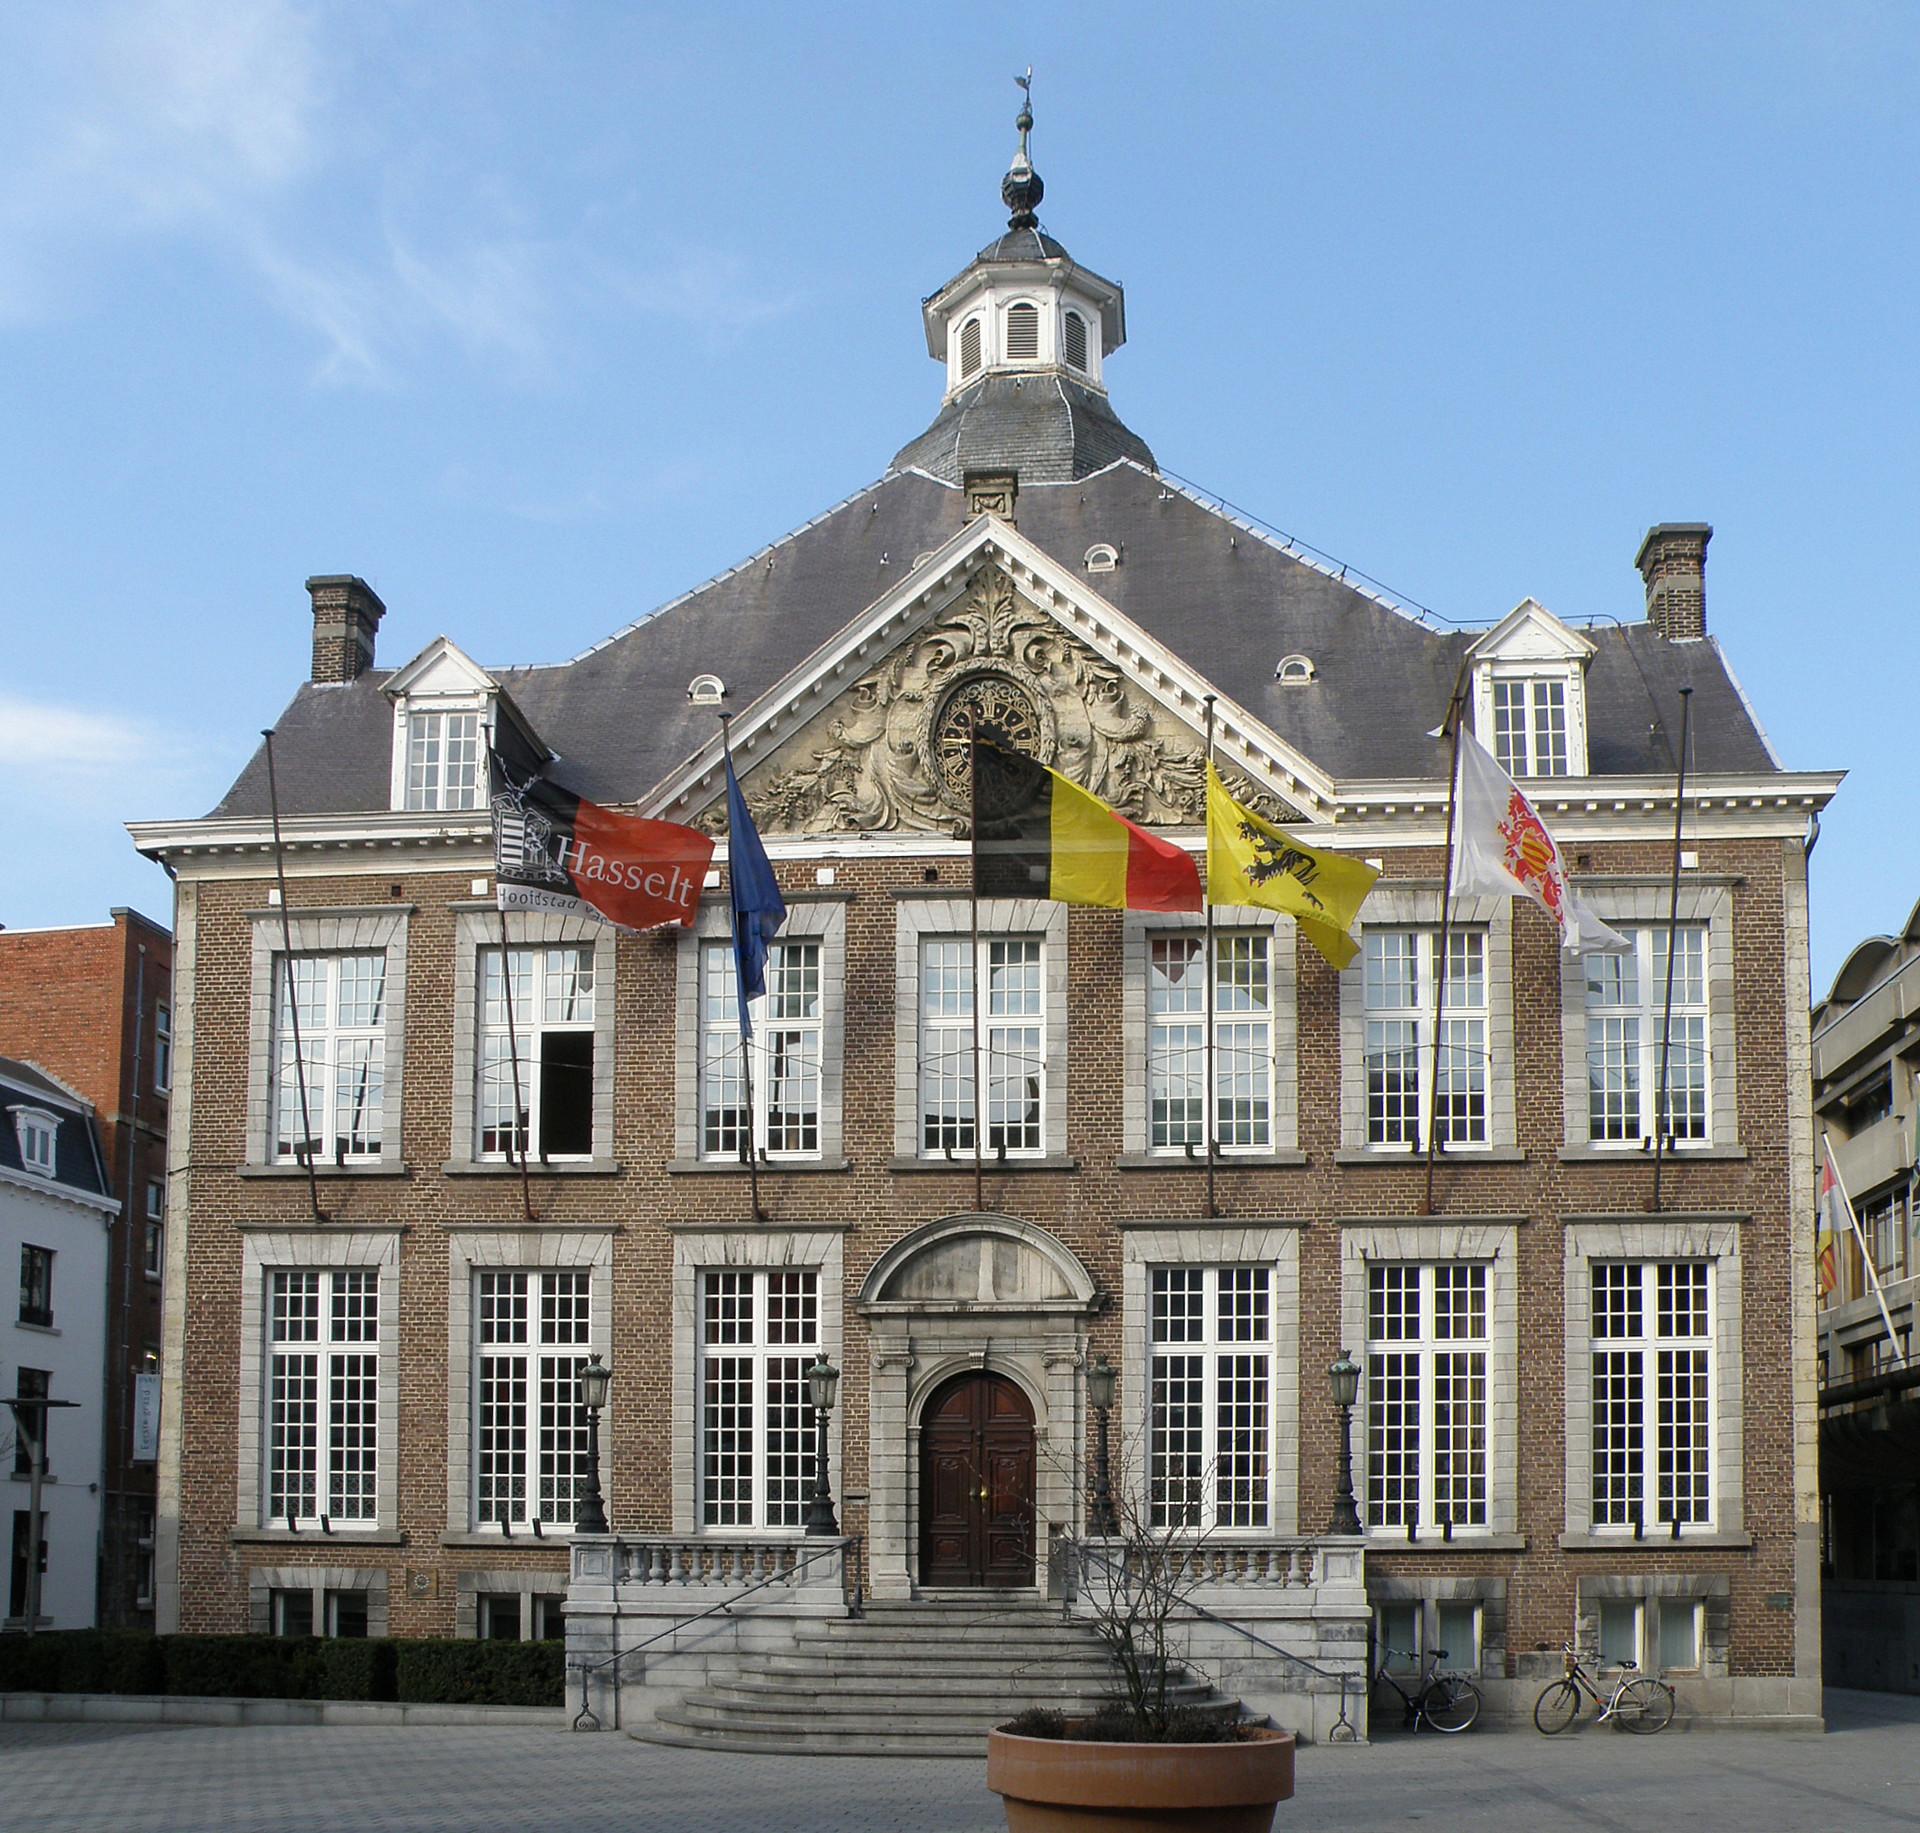 Doświadczenia z Hasselt, Belgia według Daana